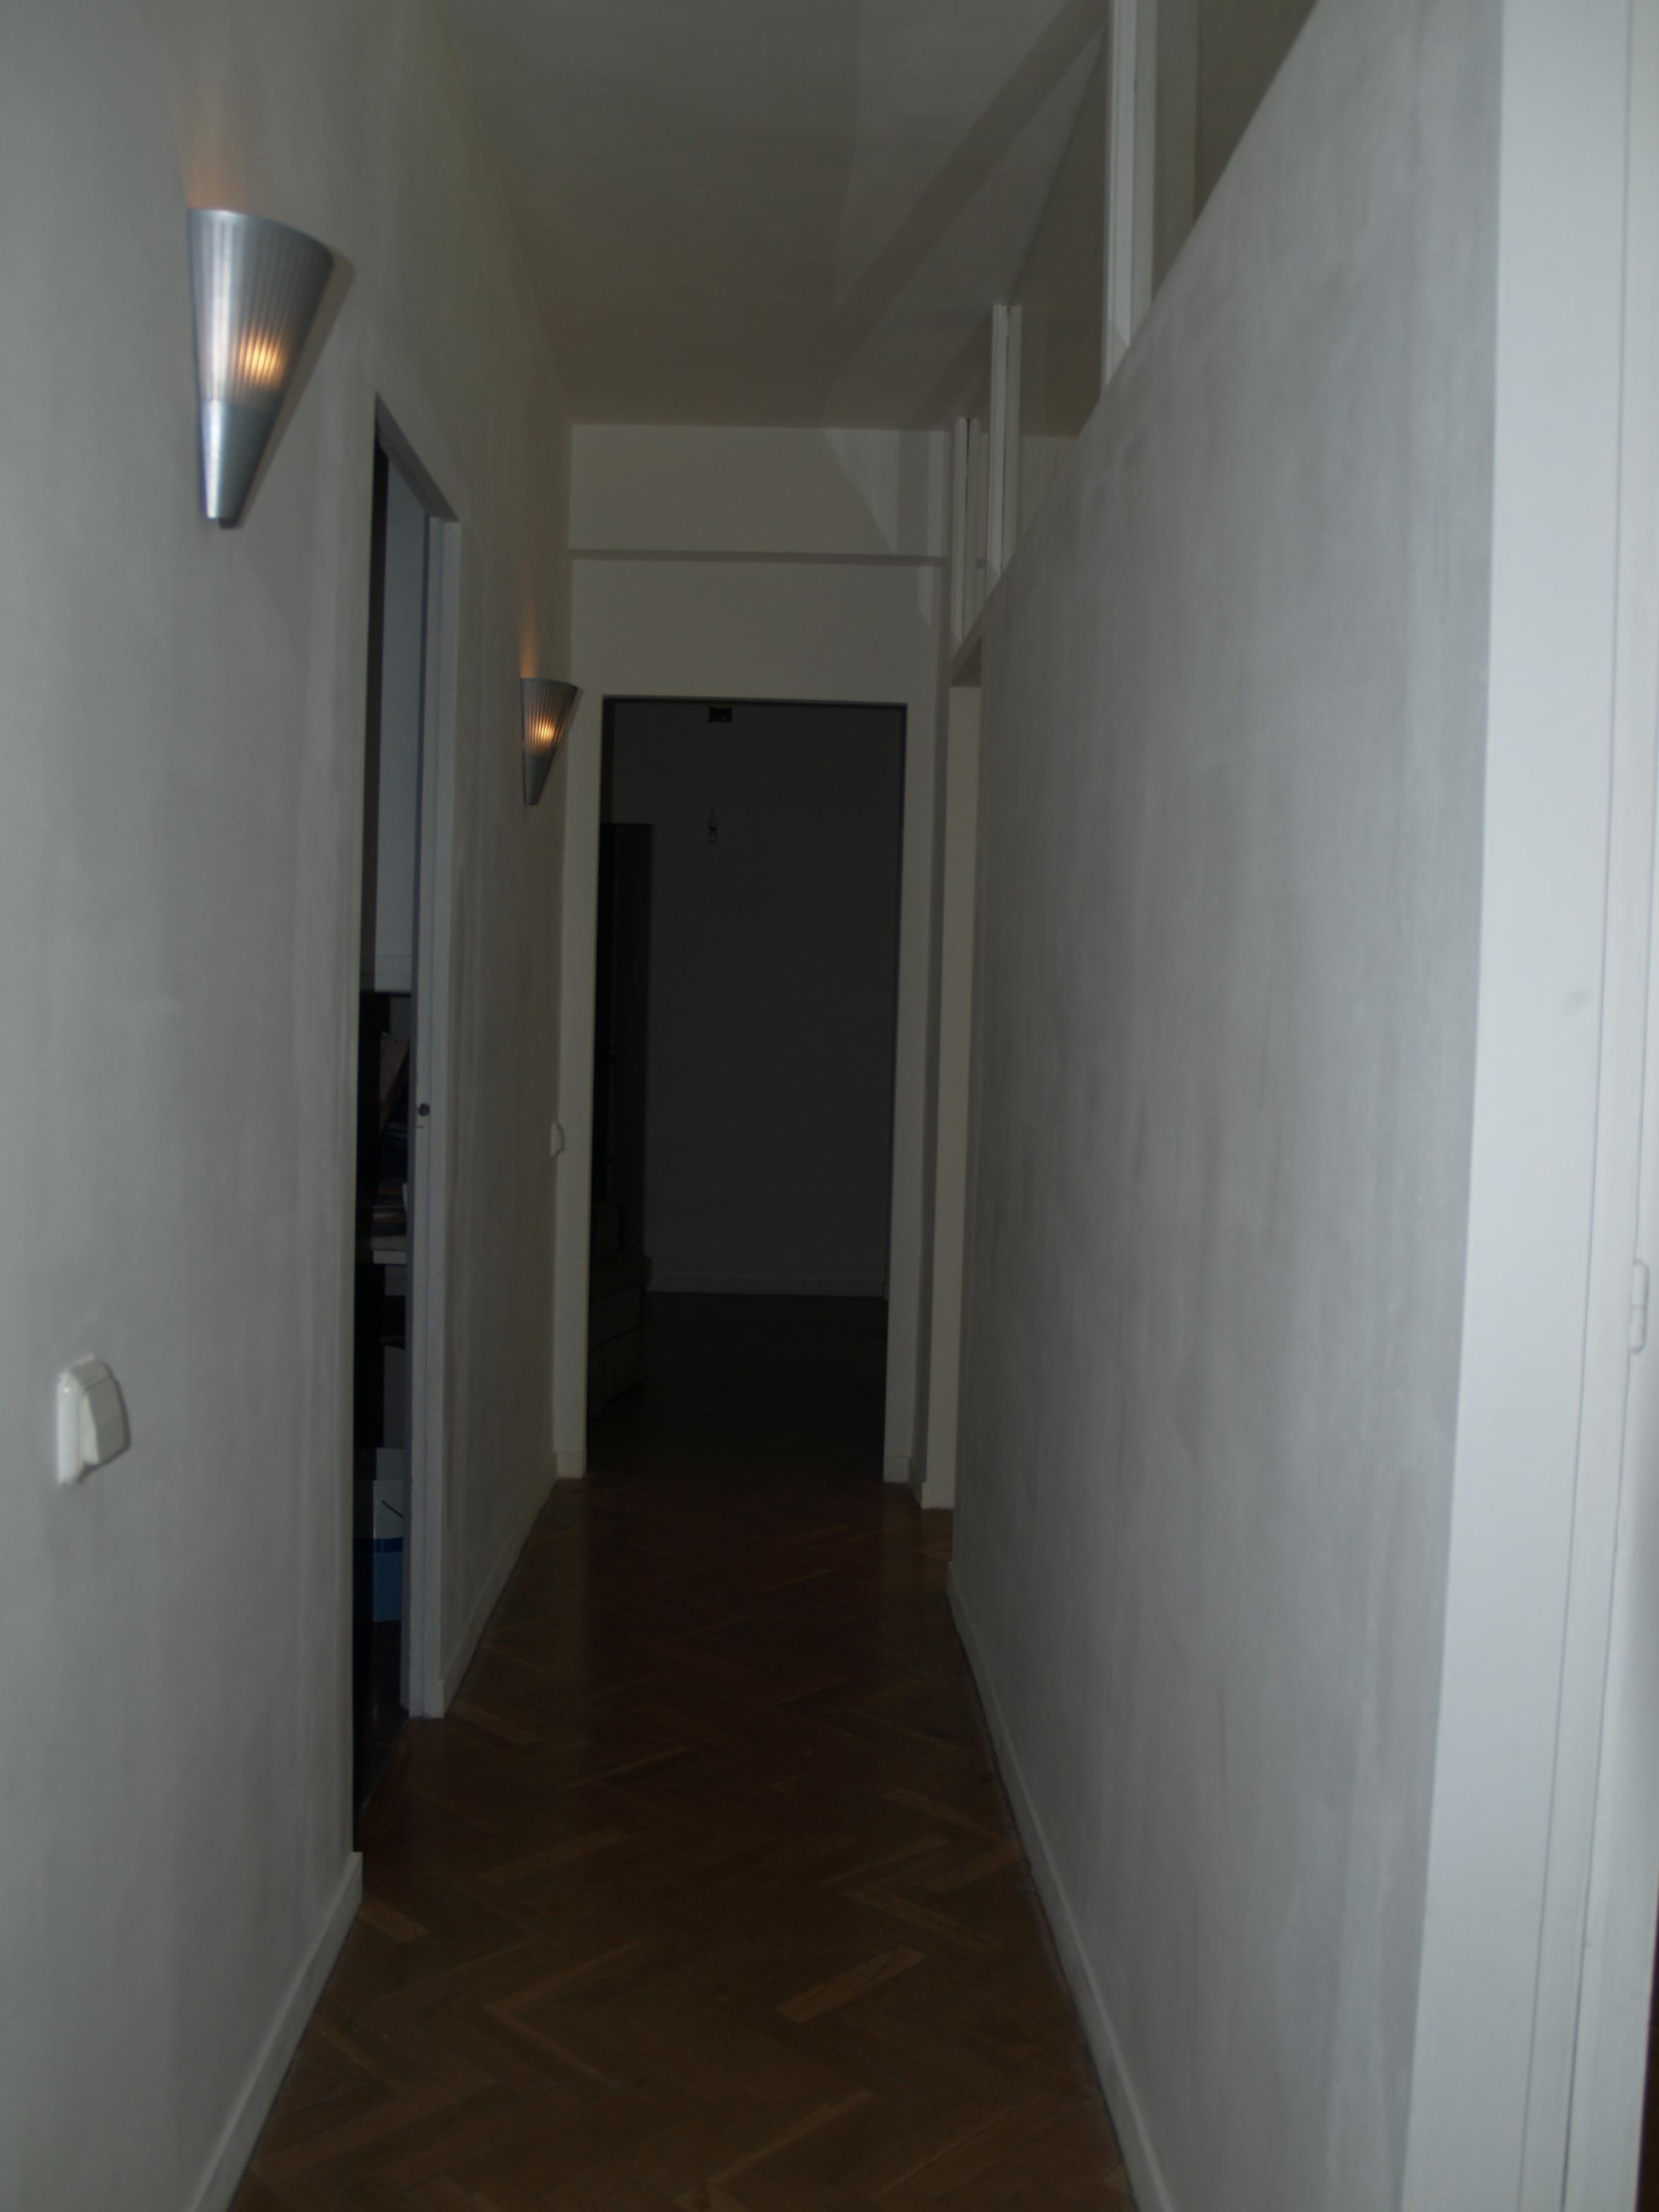 El antes y despu s de nuestra reforma el sal n estoydereformas - Reforma piso pequeno antes y despues ...